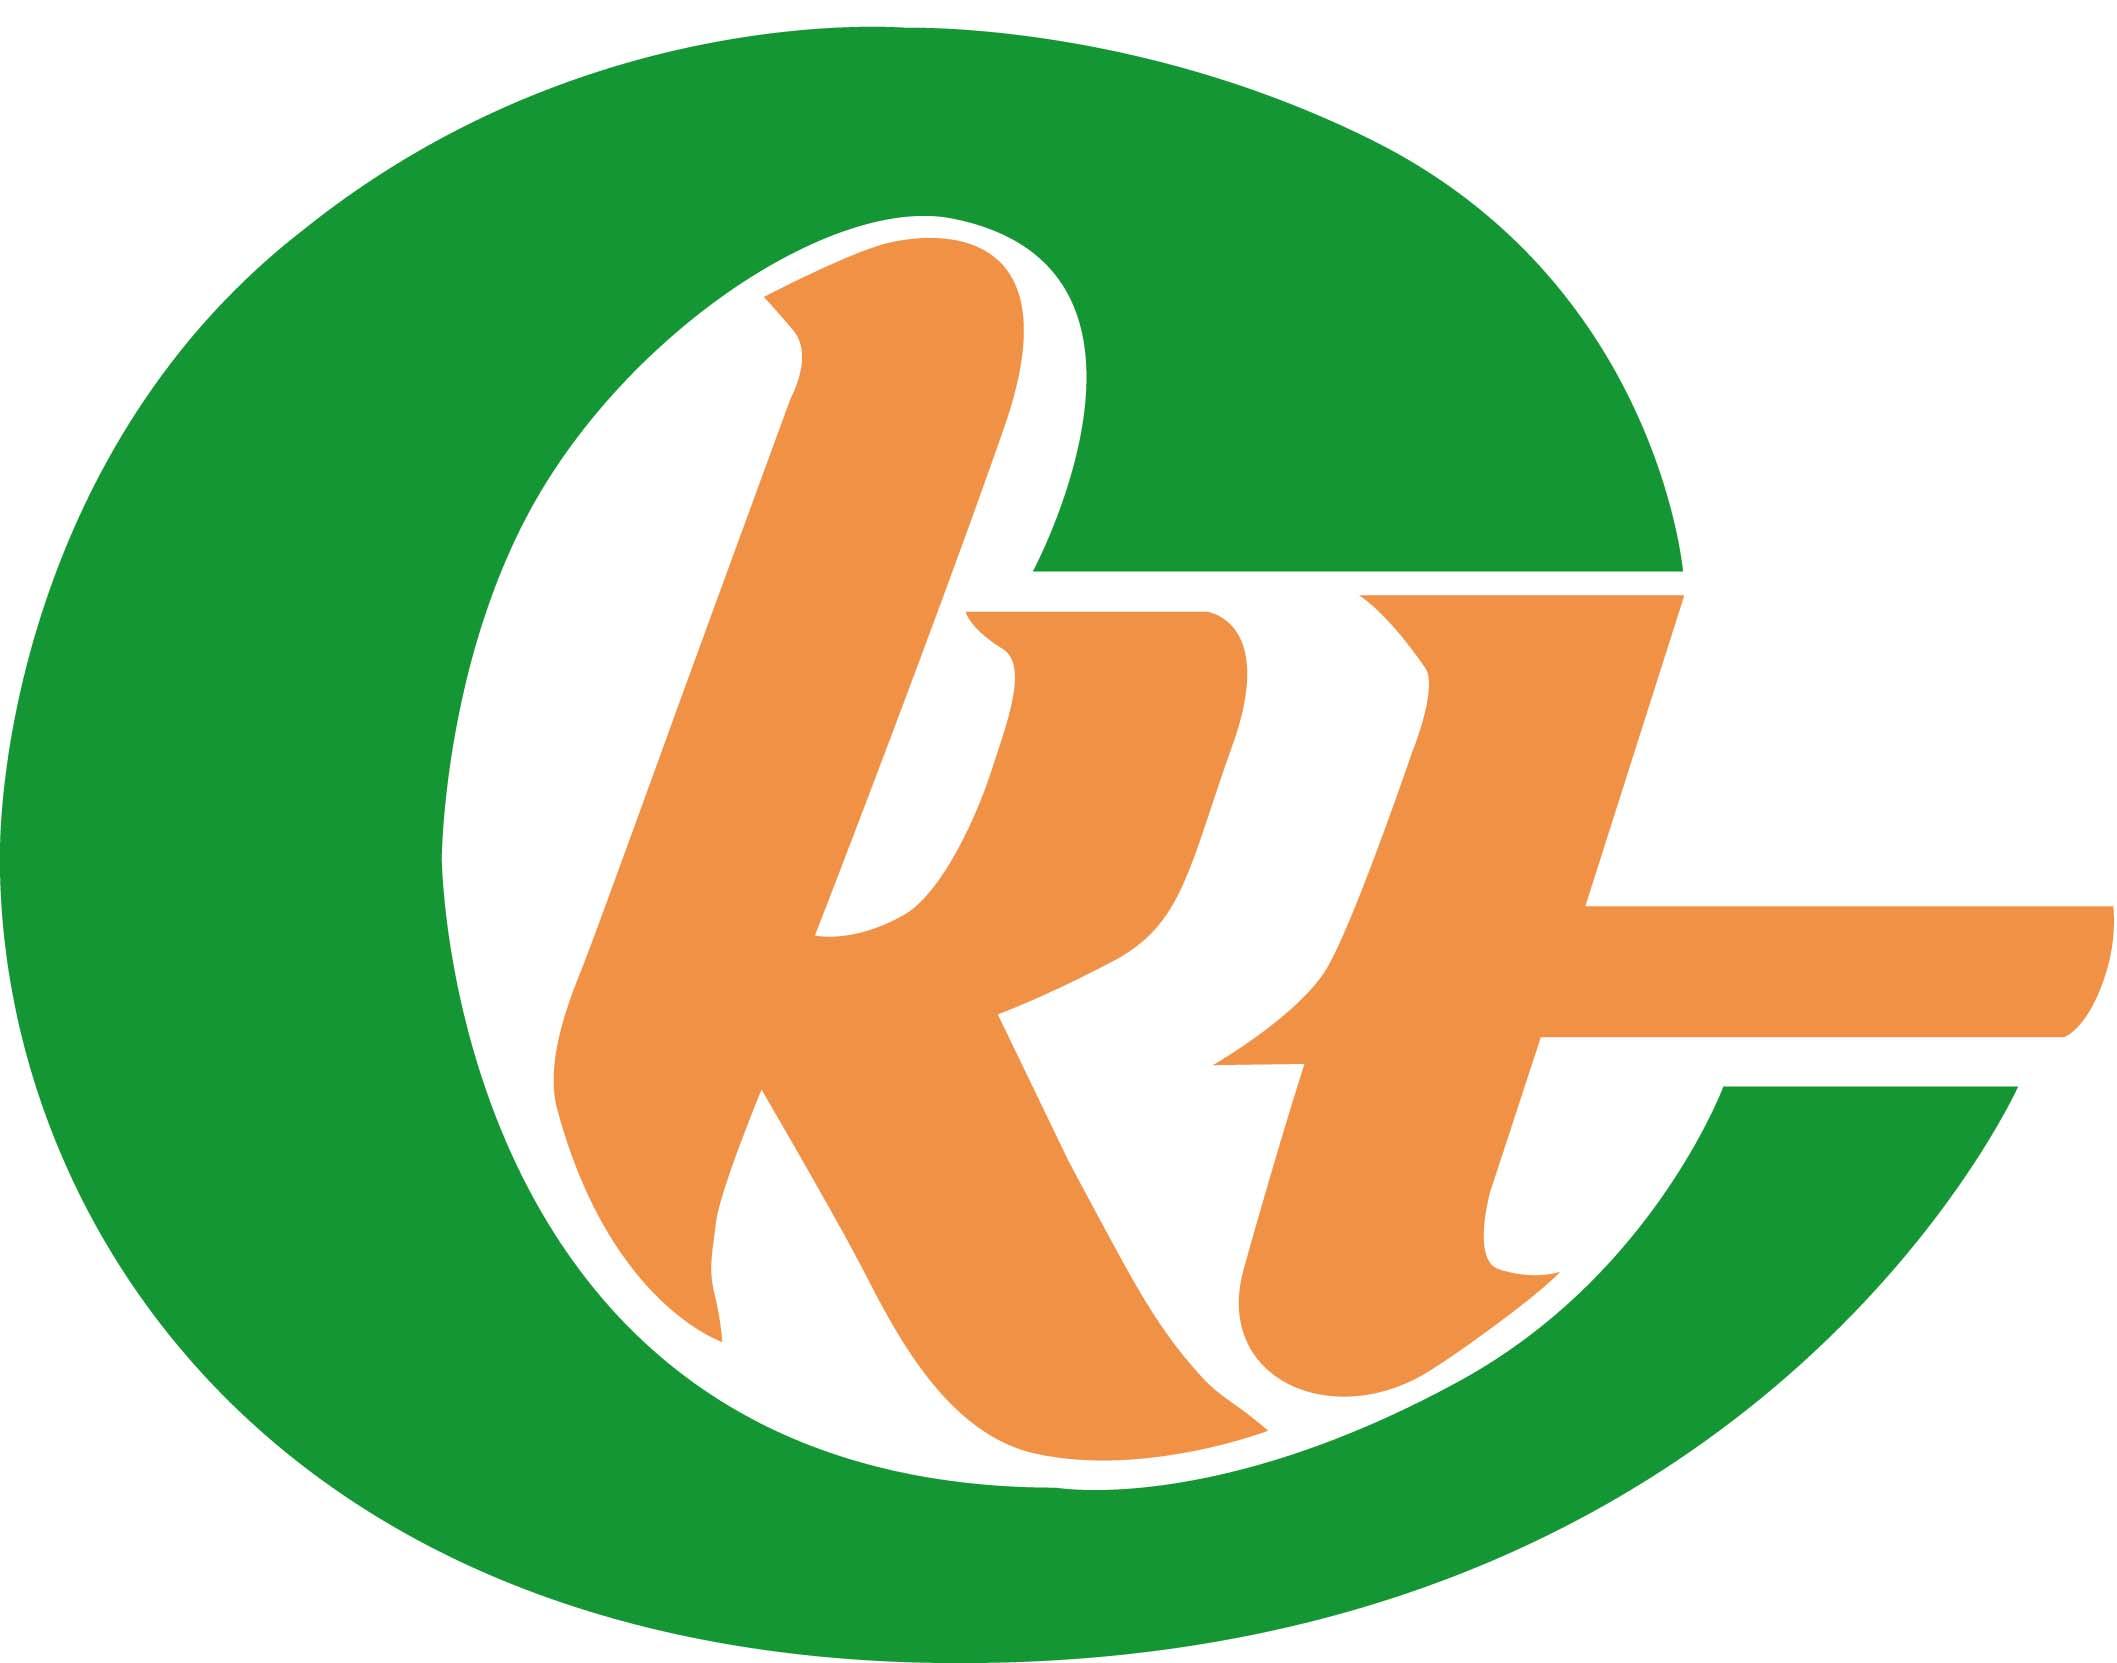 Logo Ktc